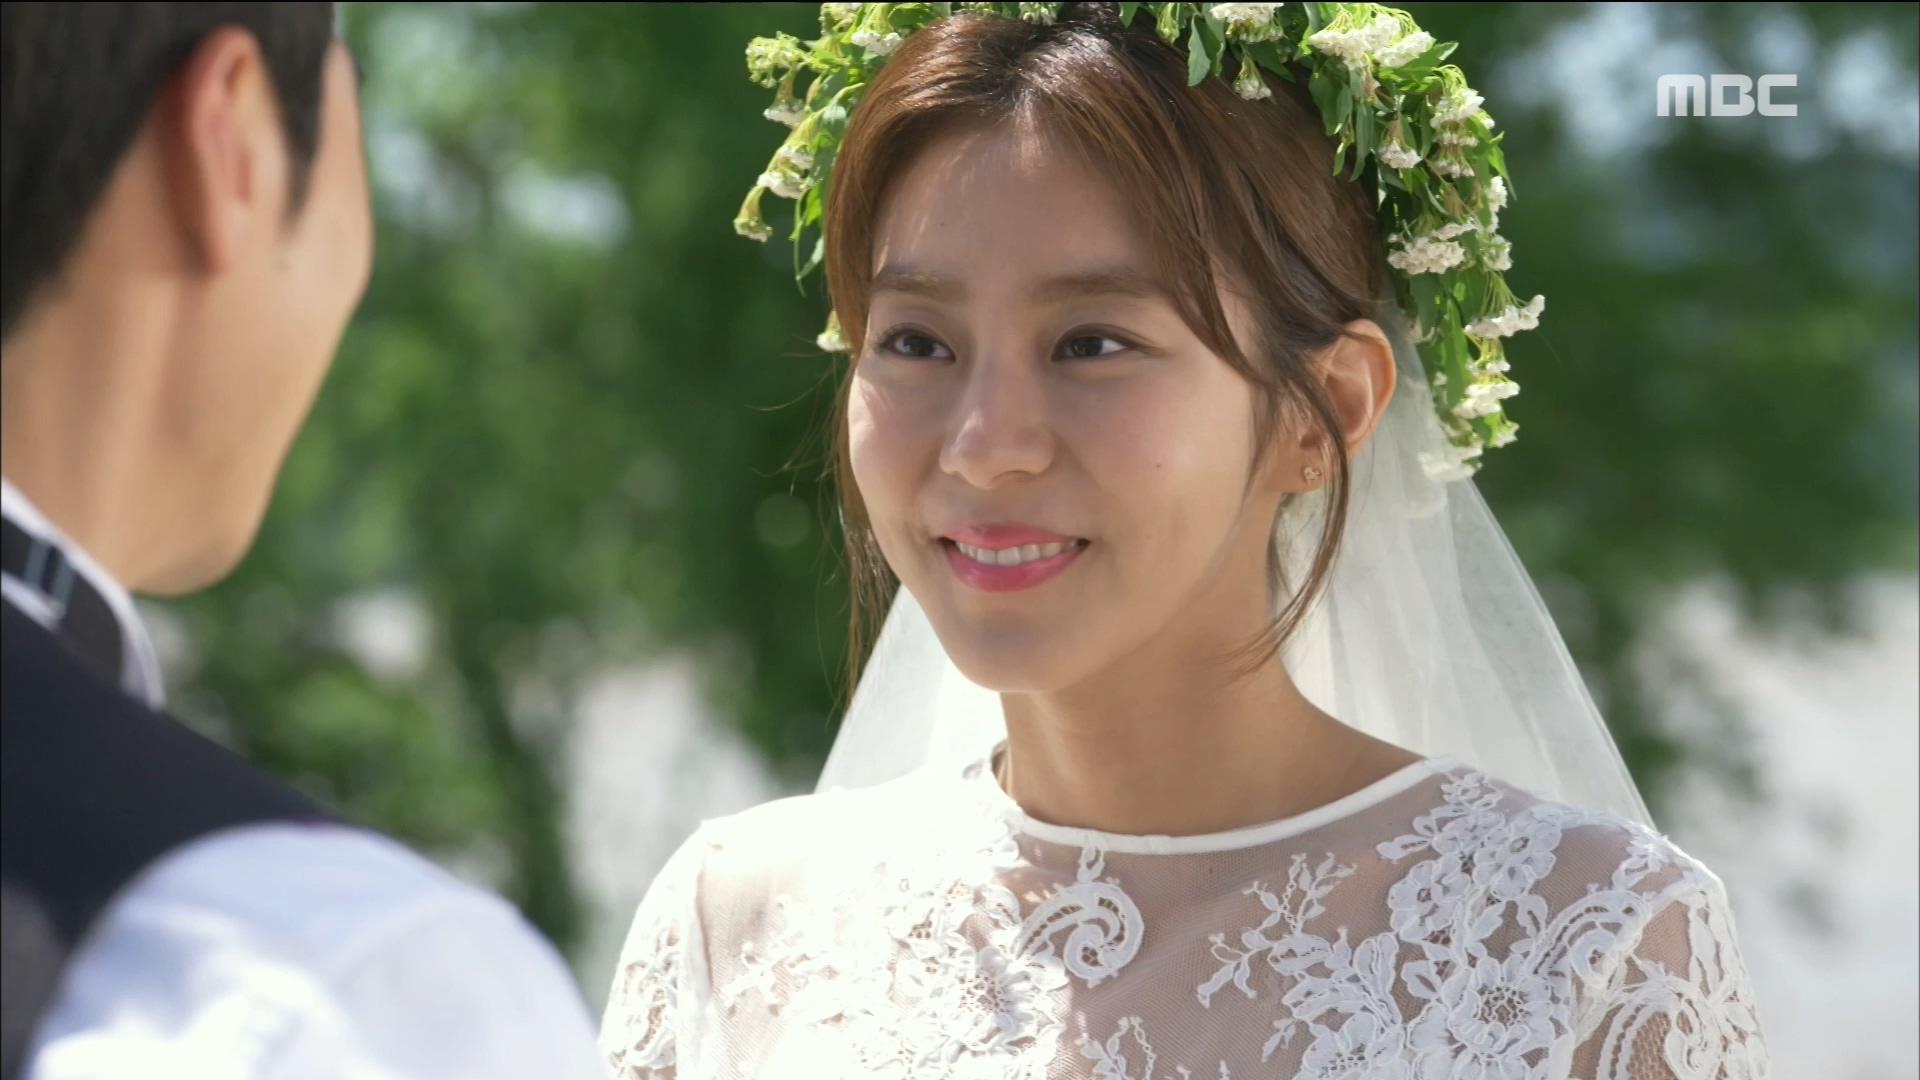 김강우, 웨딩드레스 입은 아름다운 유이에게 '너무 예뻐..'